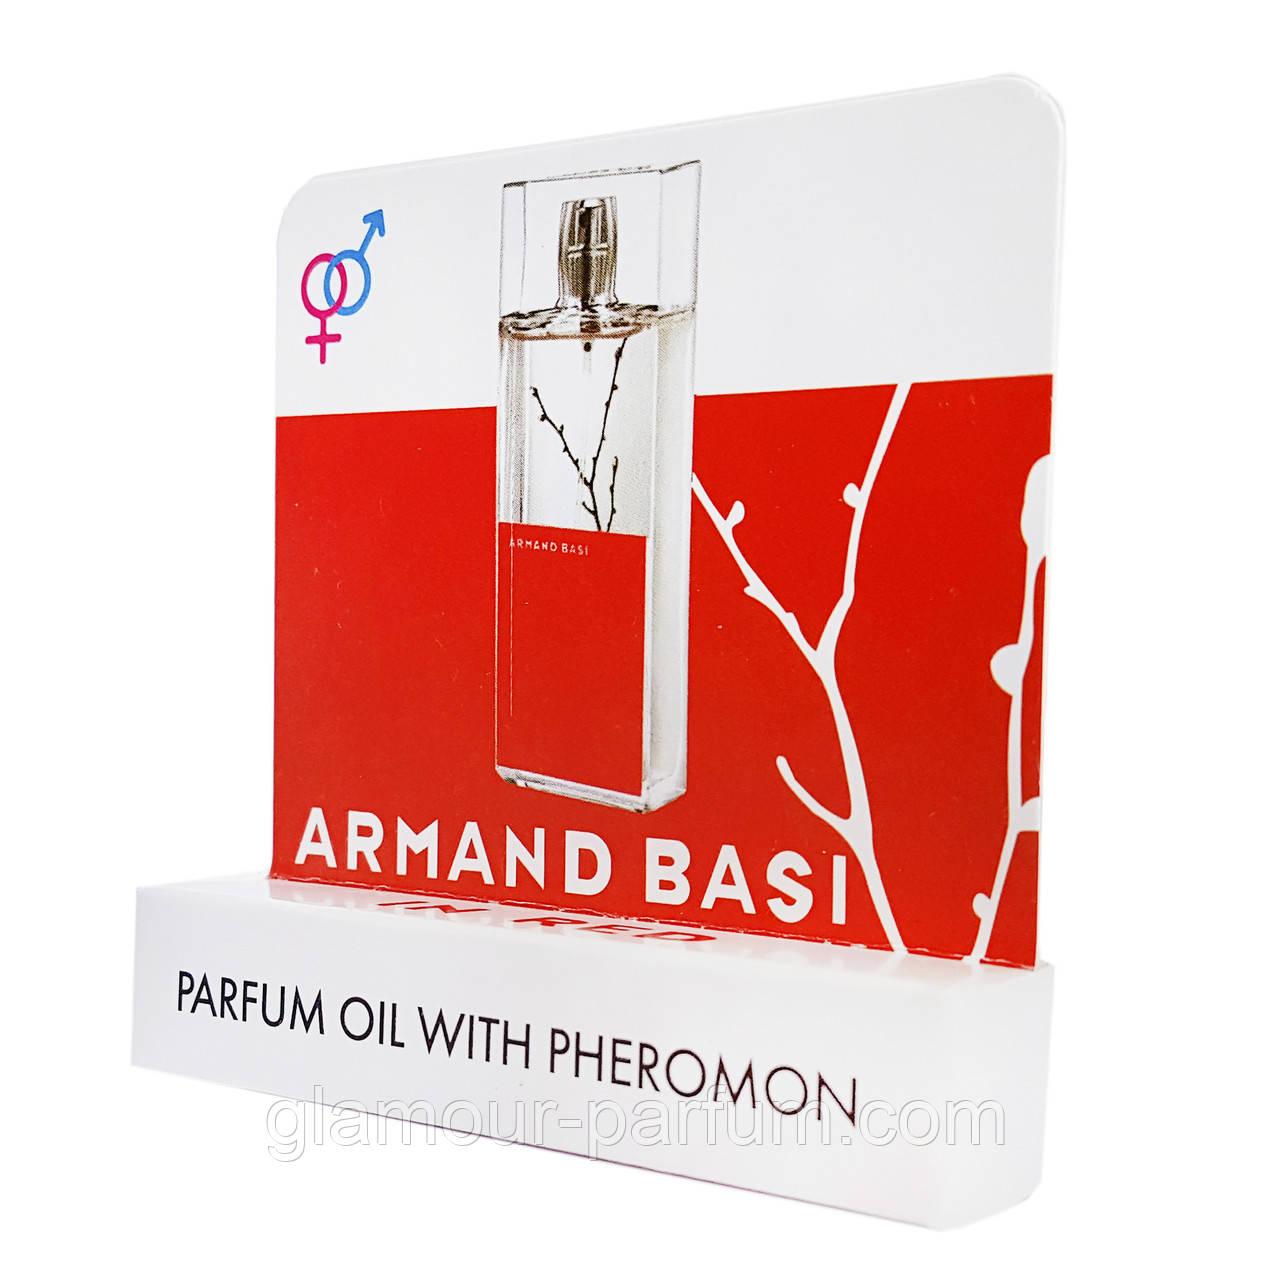 Мини парфюм с феромонами Armand Basi In Red (Арманд Баси Ин Ред) 5 мл (реплика)